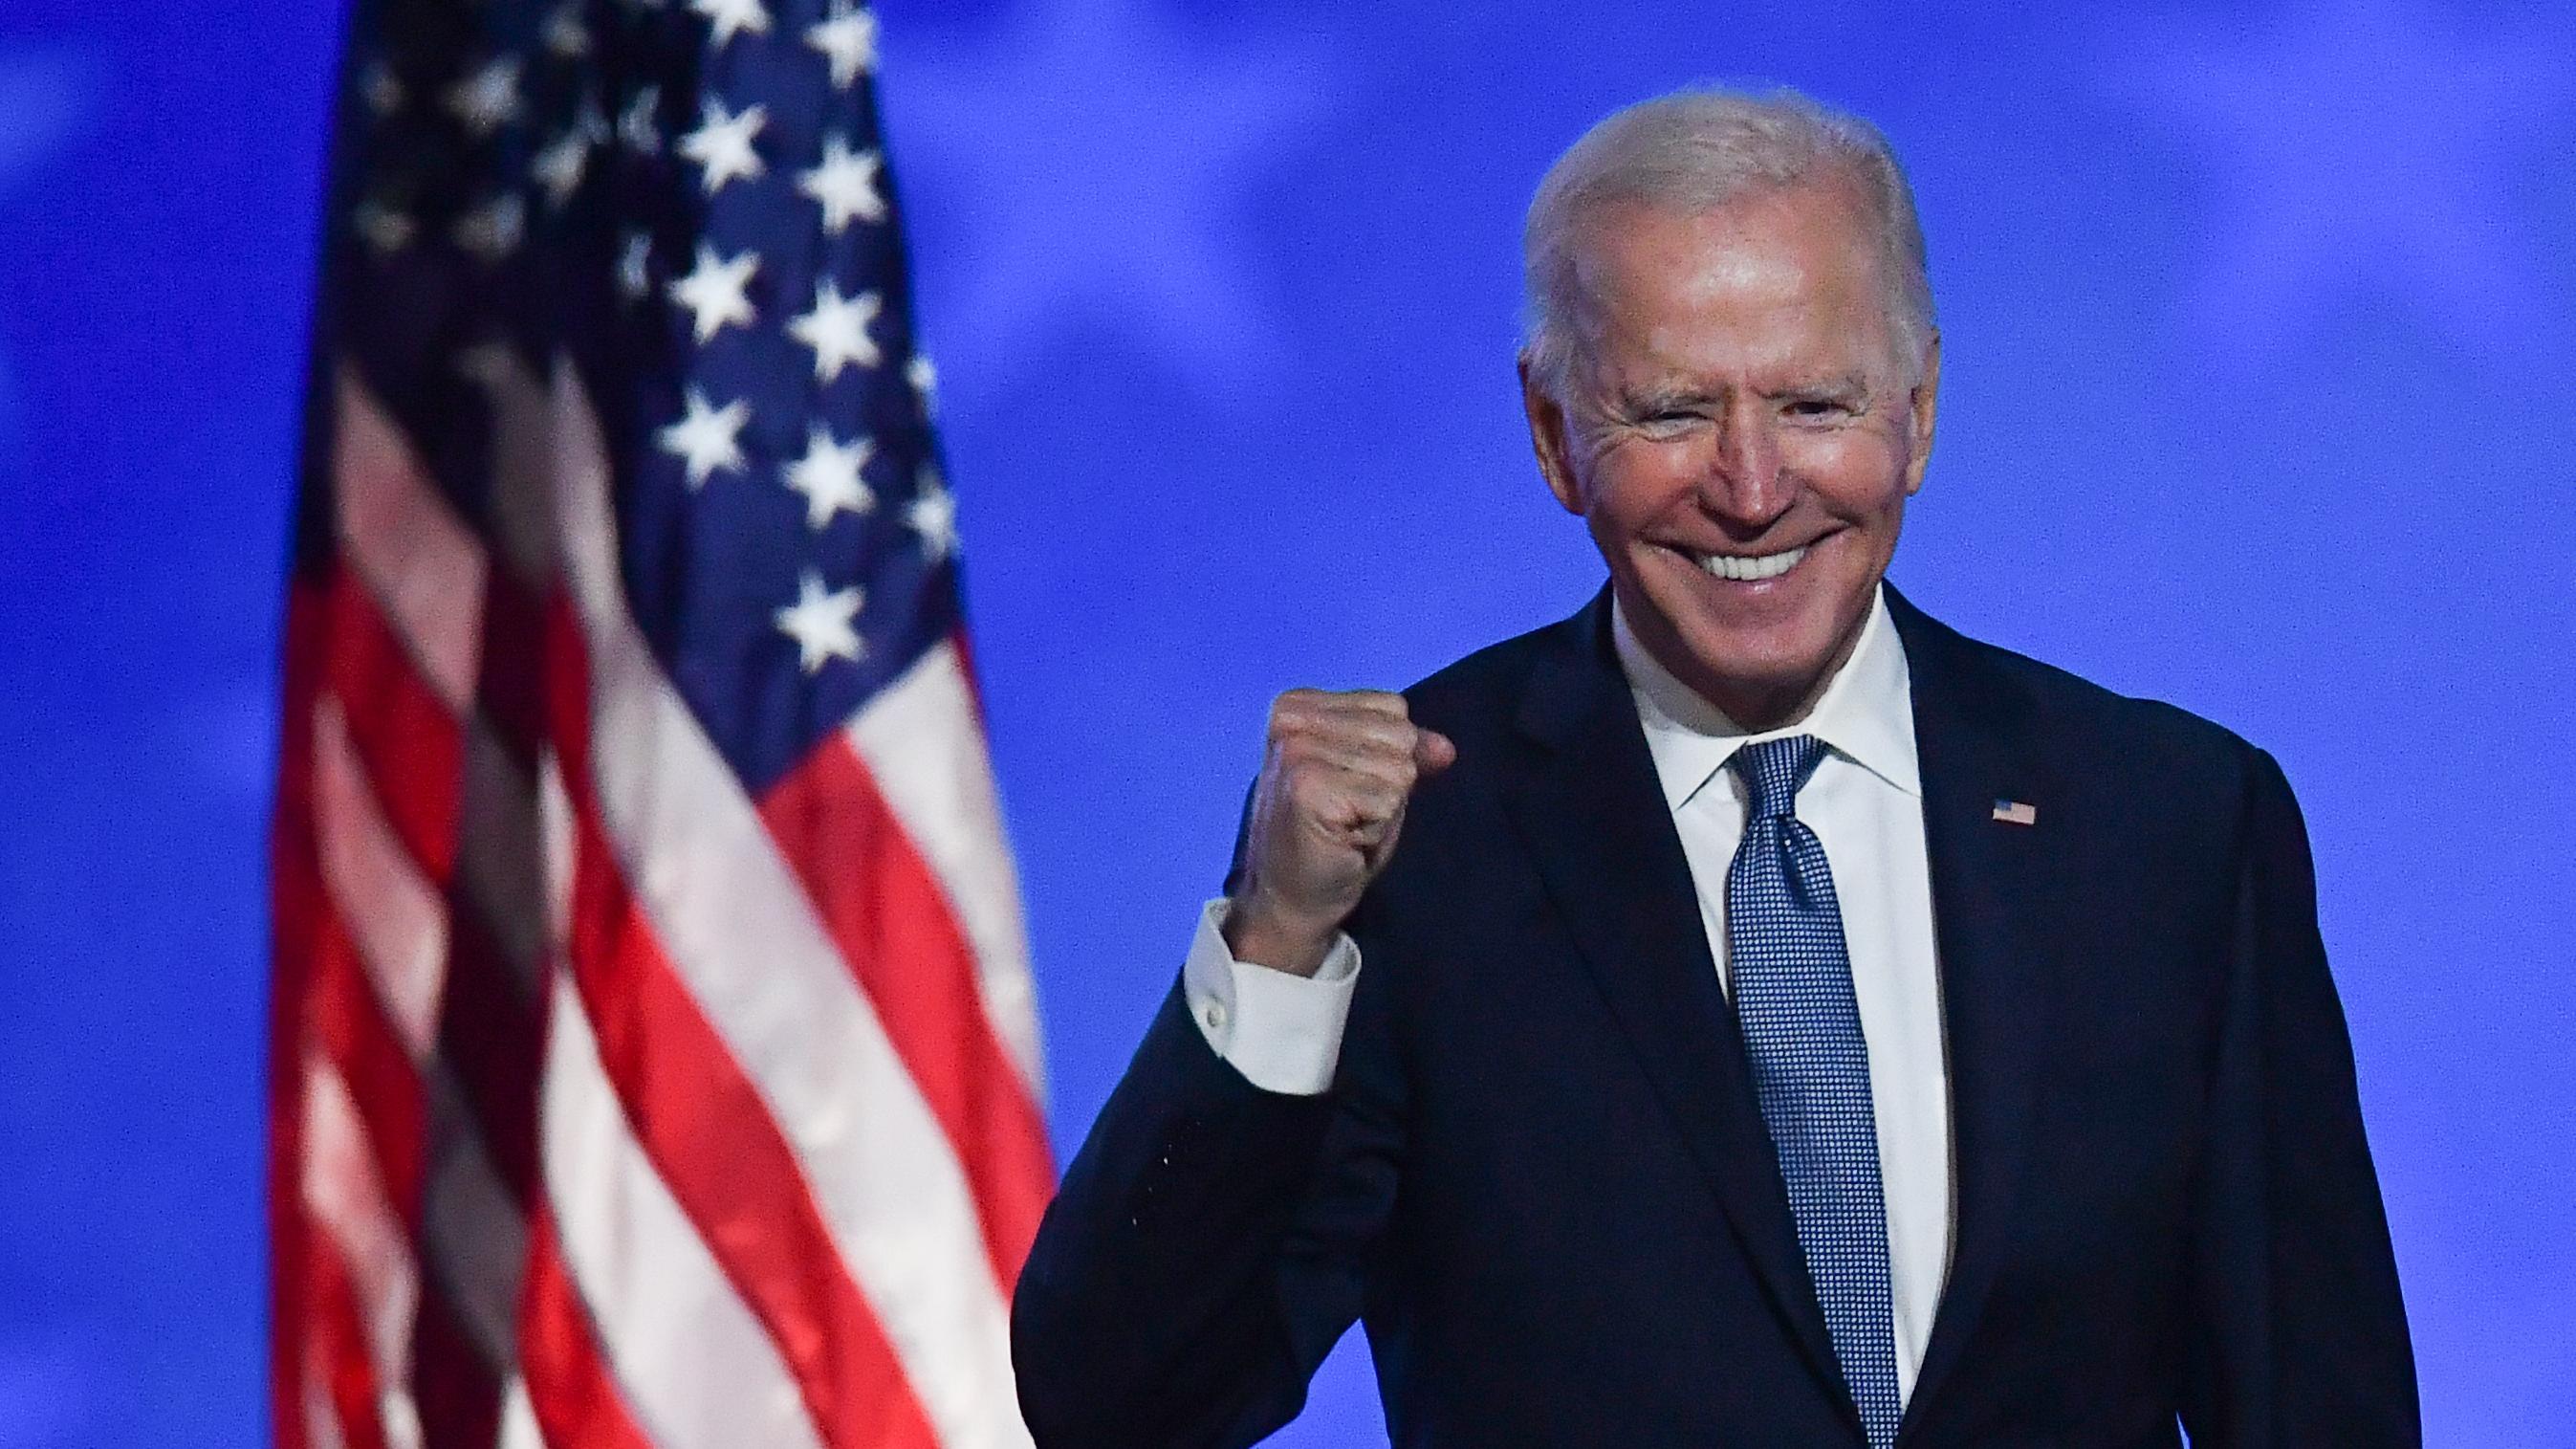 Joe Biden já tem mais votos totais do que Hillary Clinton obteve em 2016 -  Mundo - Diário do Nordeste